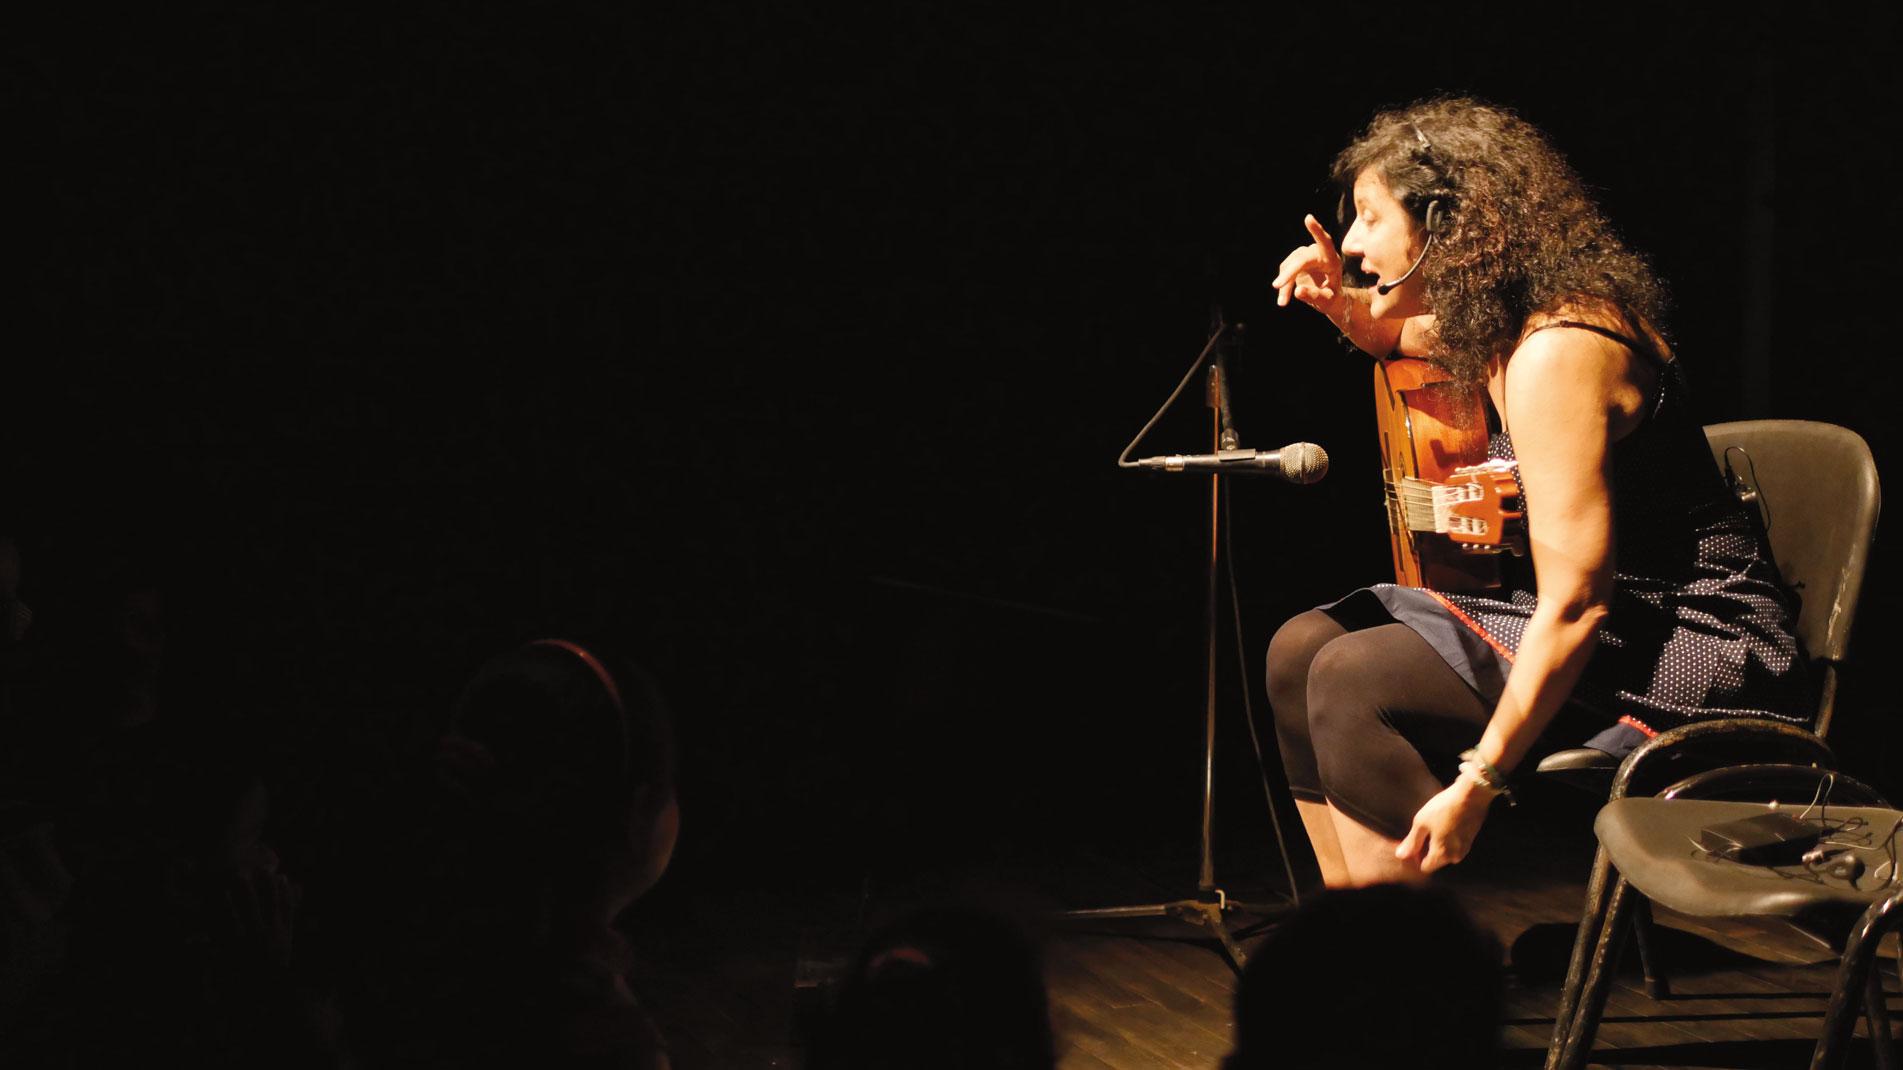 Teatro de las Estaciones, Matanzas, 2016